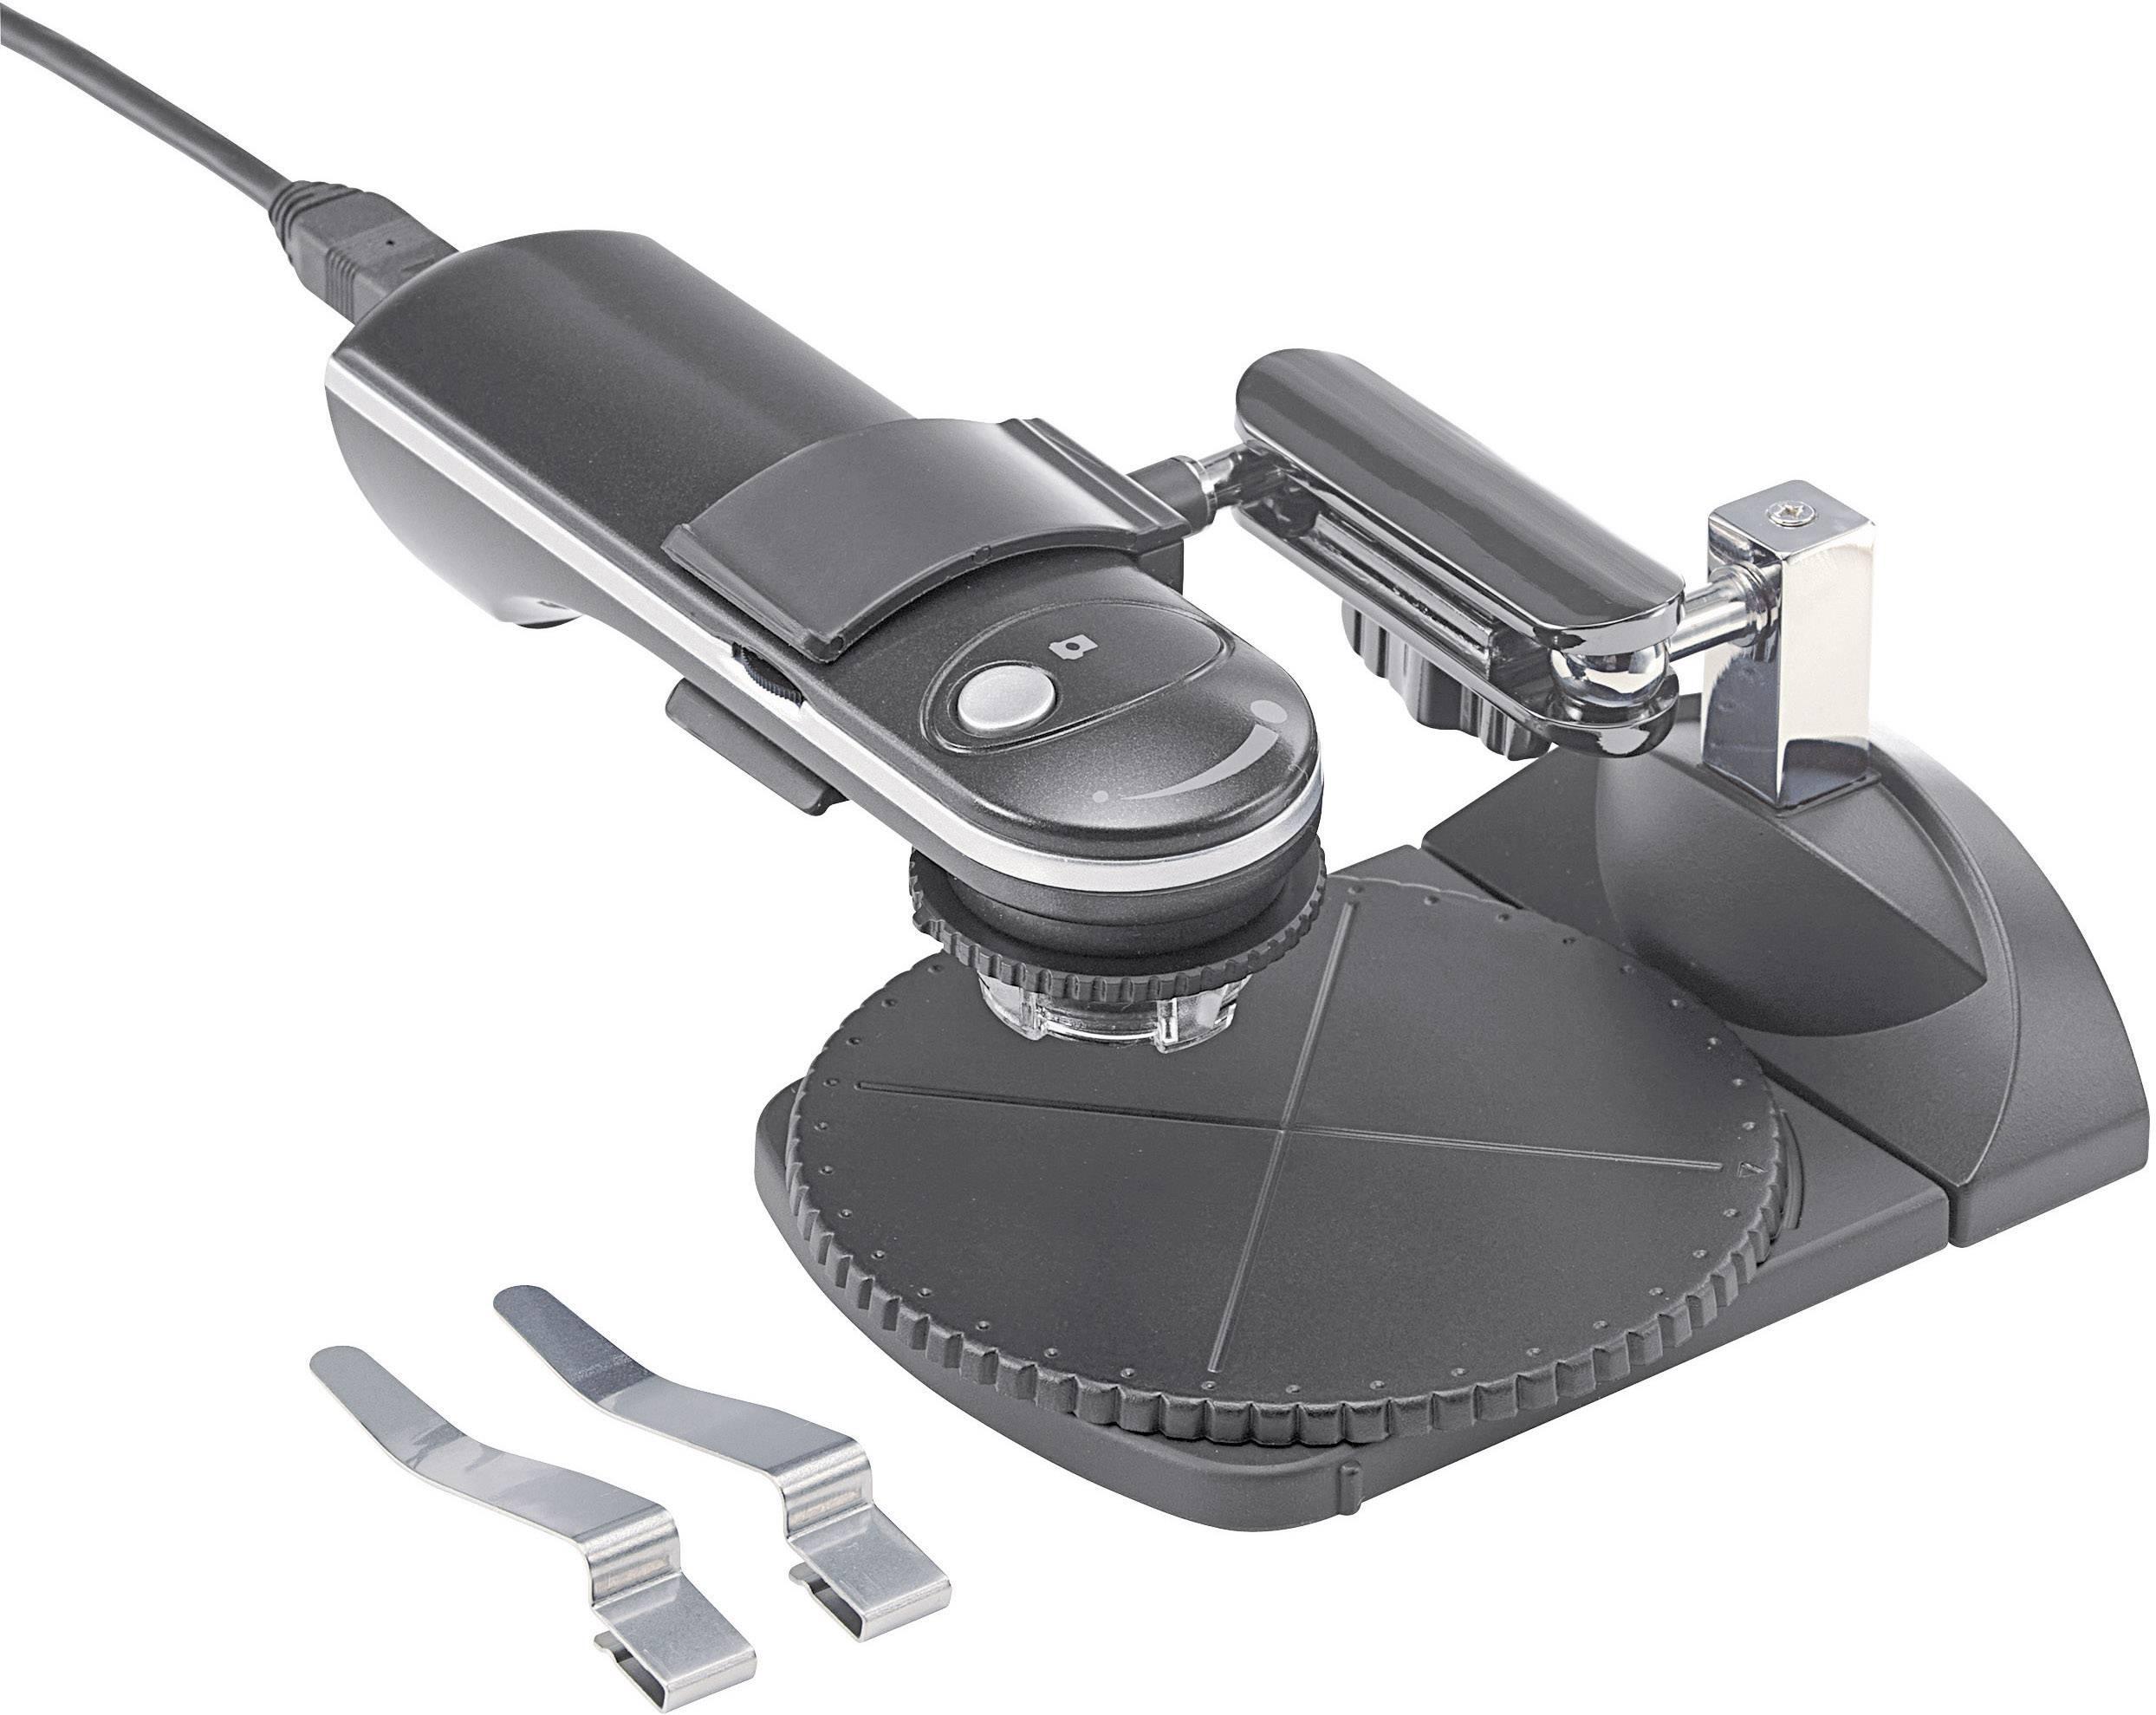 Mikroskop cyfrowy conrad usb 2 mpx 65 i 250x zamów w conrad.pl